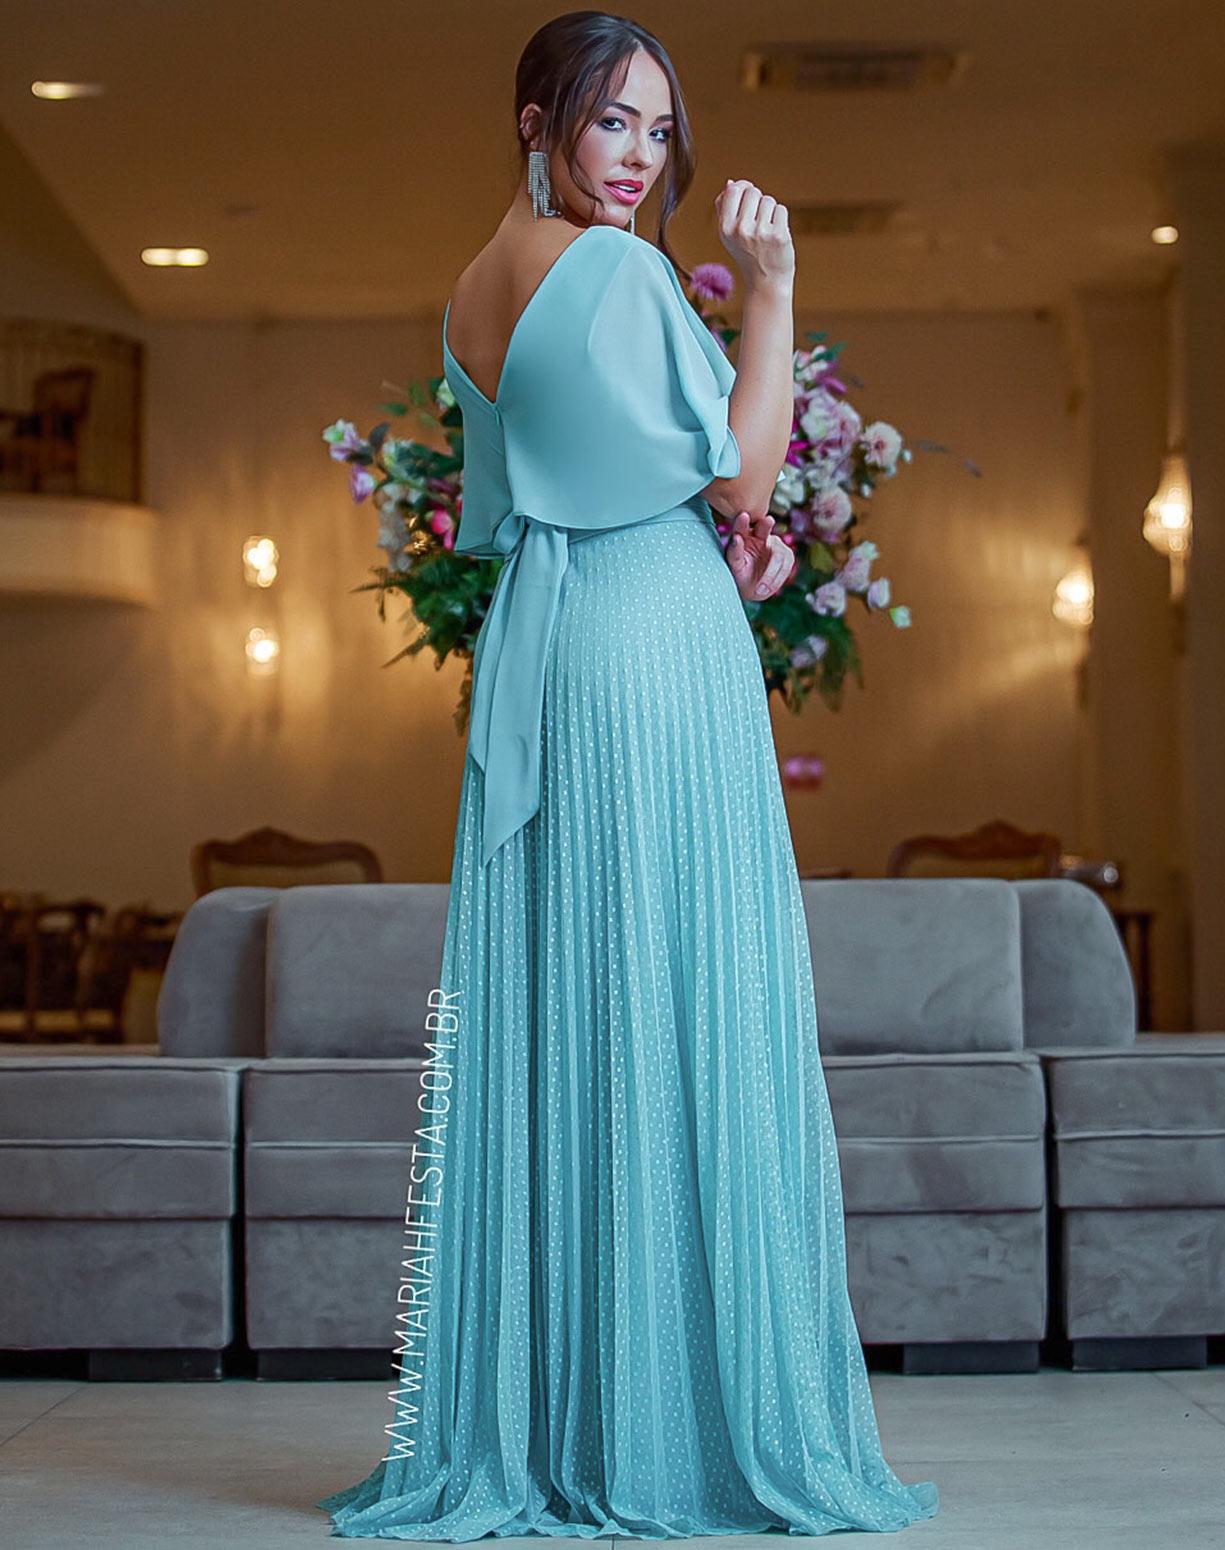 Vestido Tiffany com Saia em Tule Texturizado